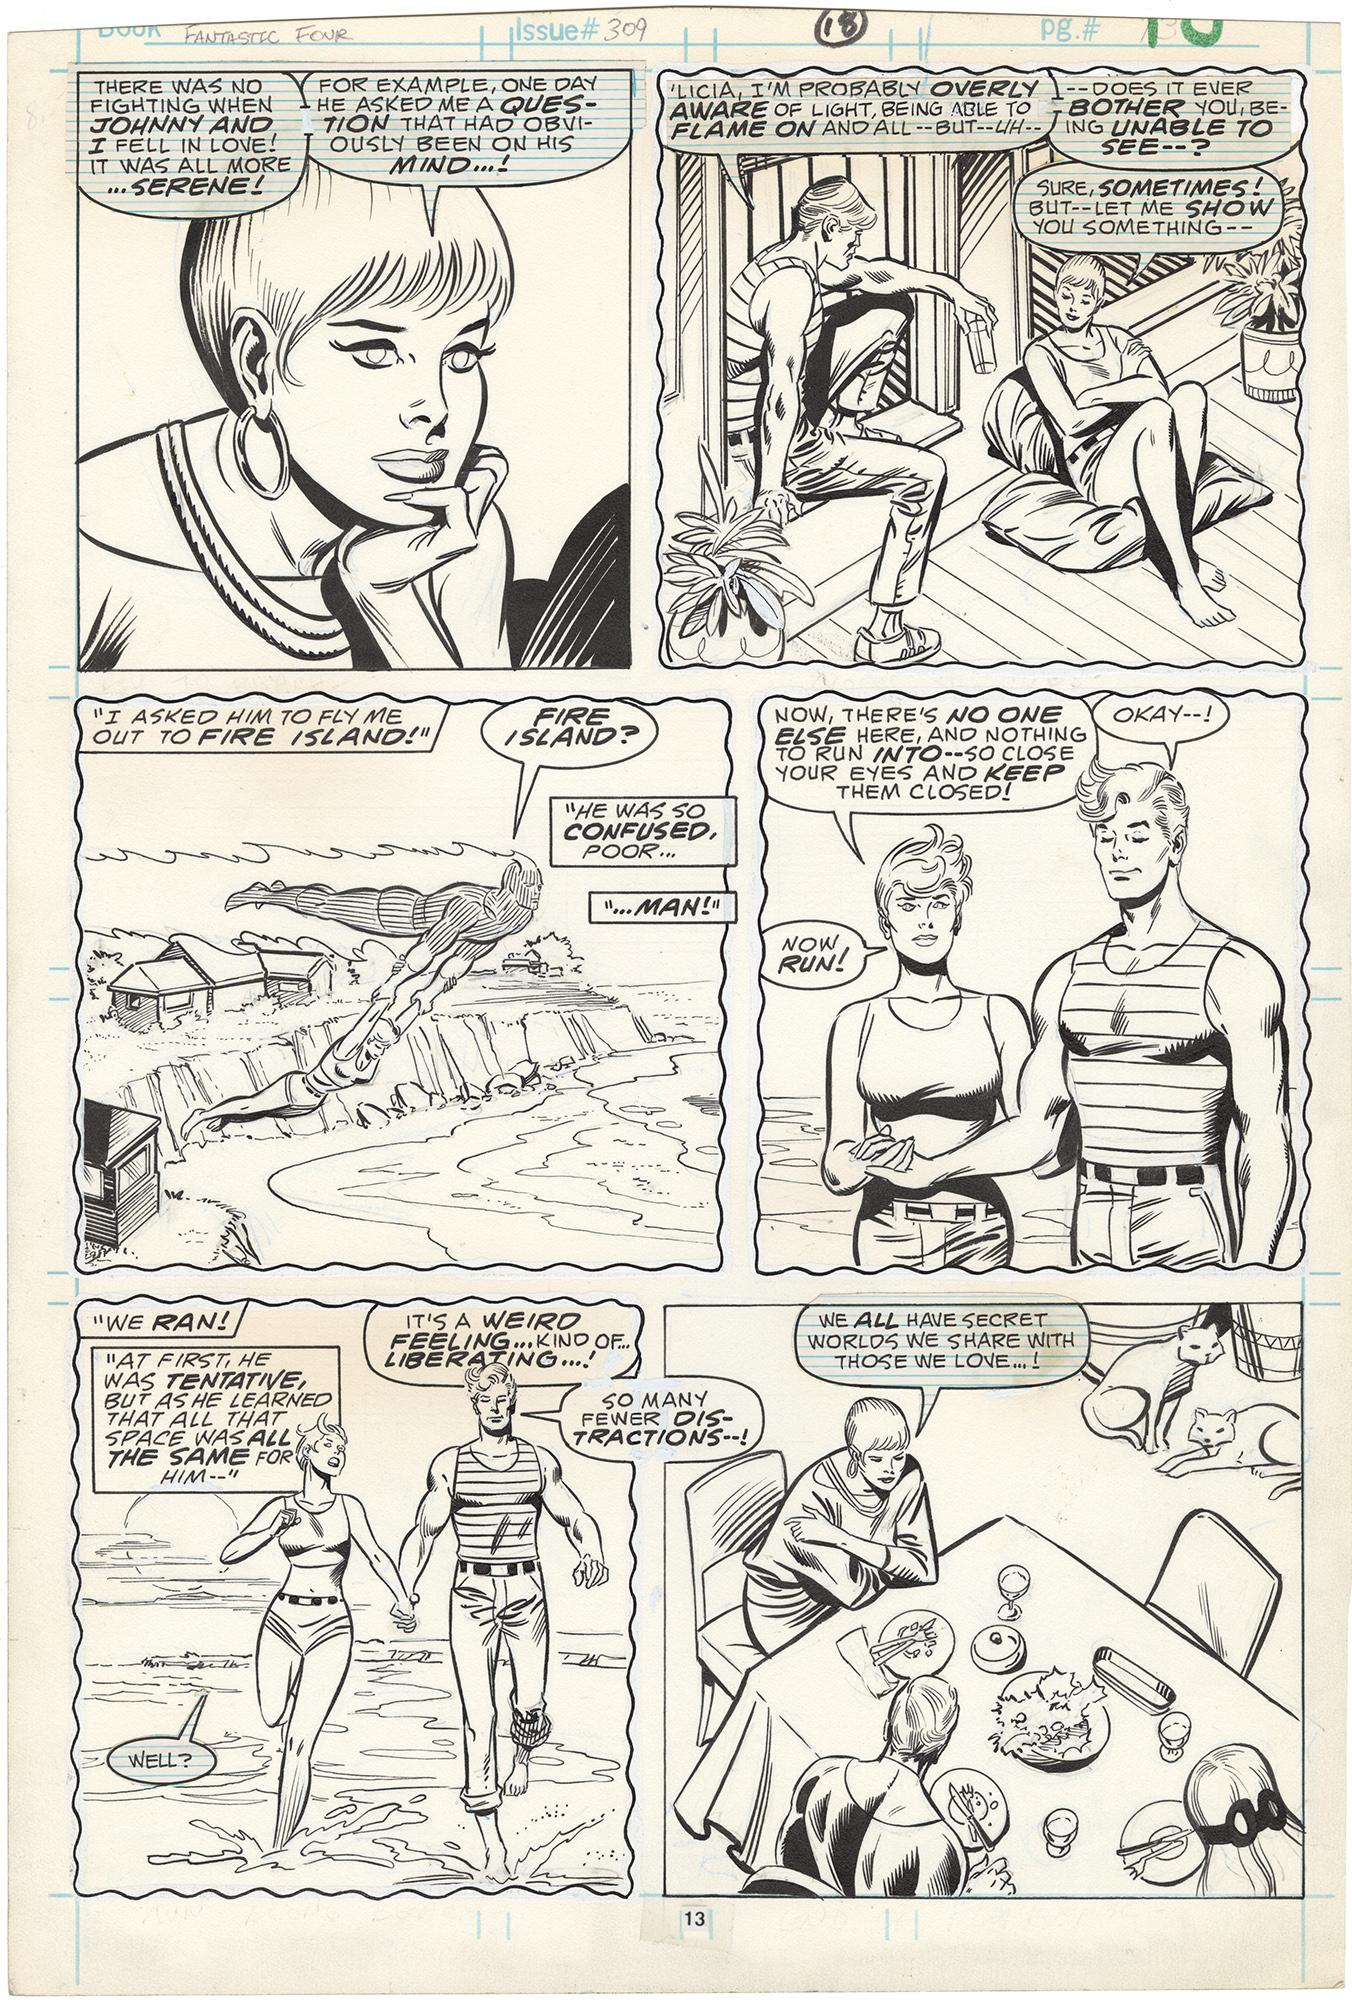 Fantastic Four #309 p13